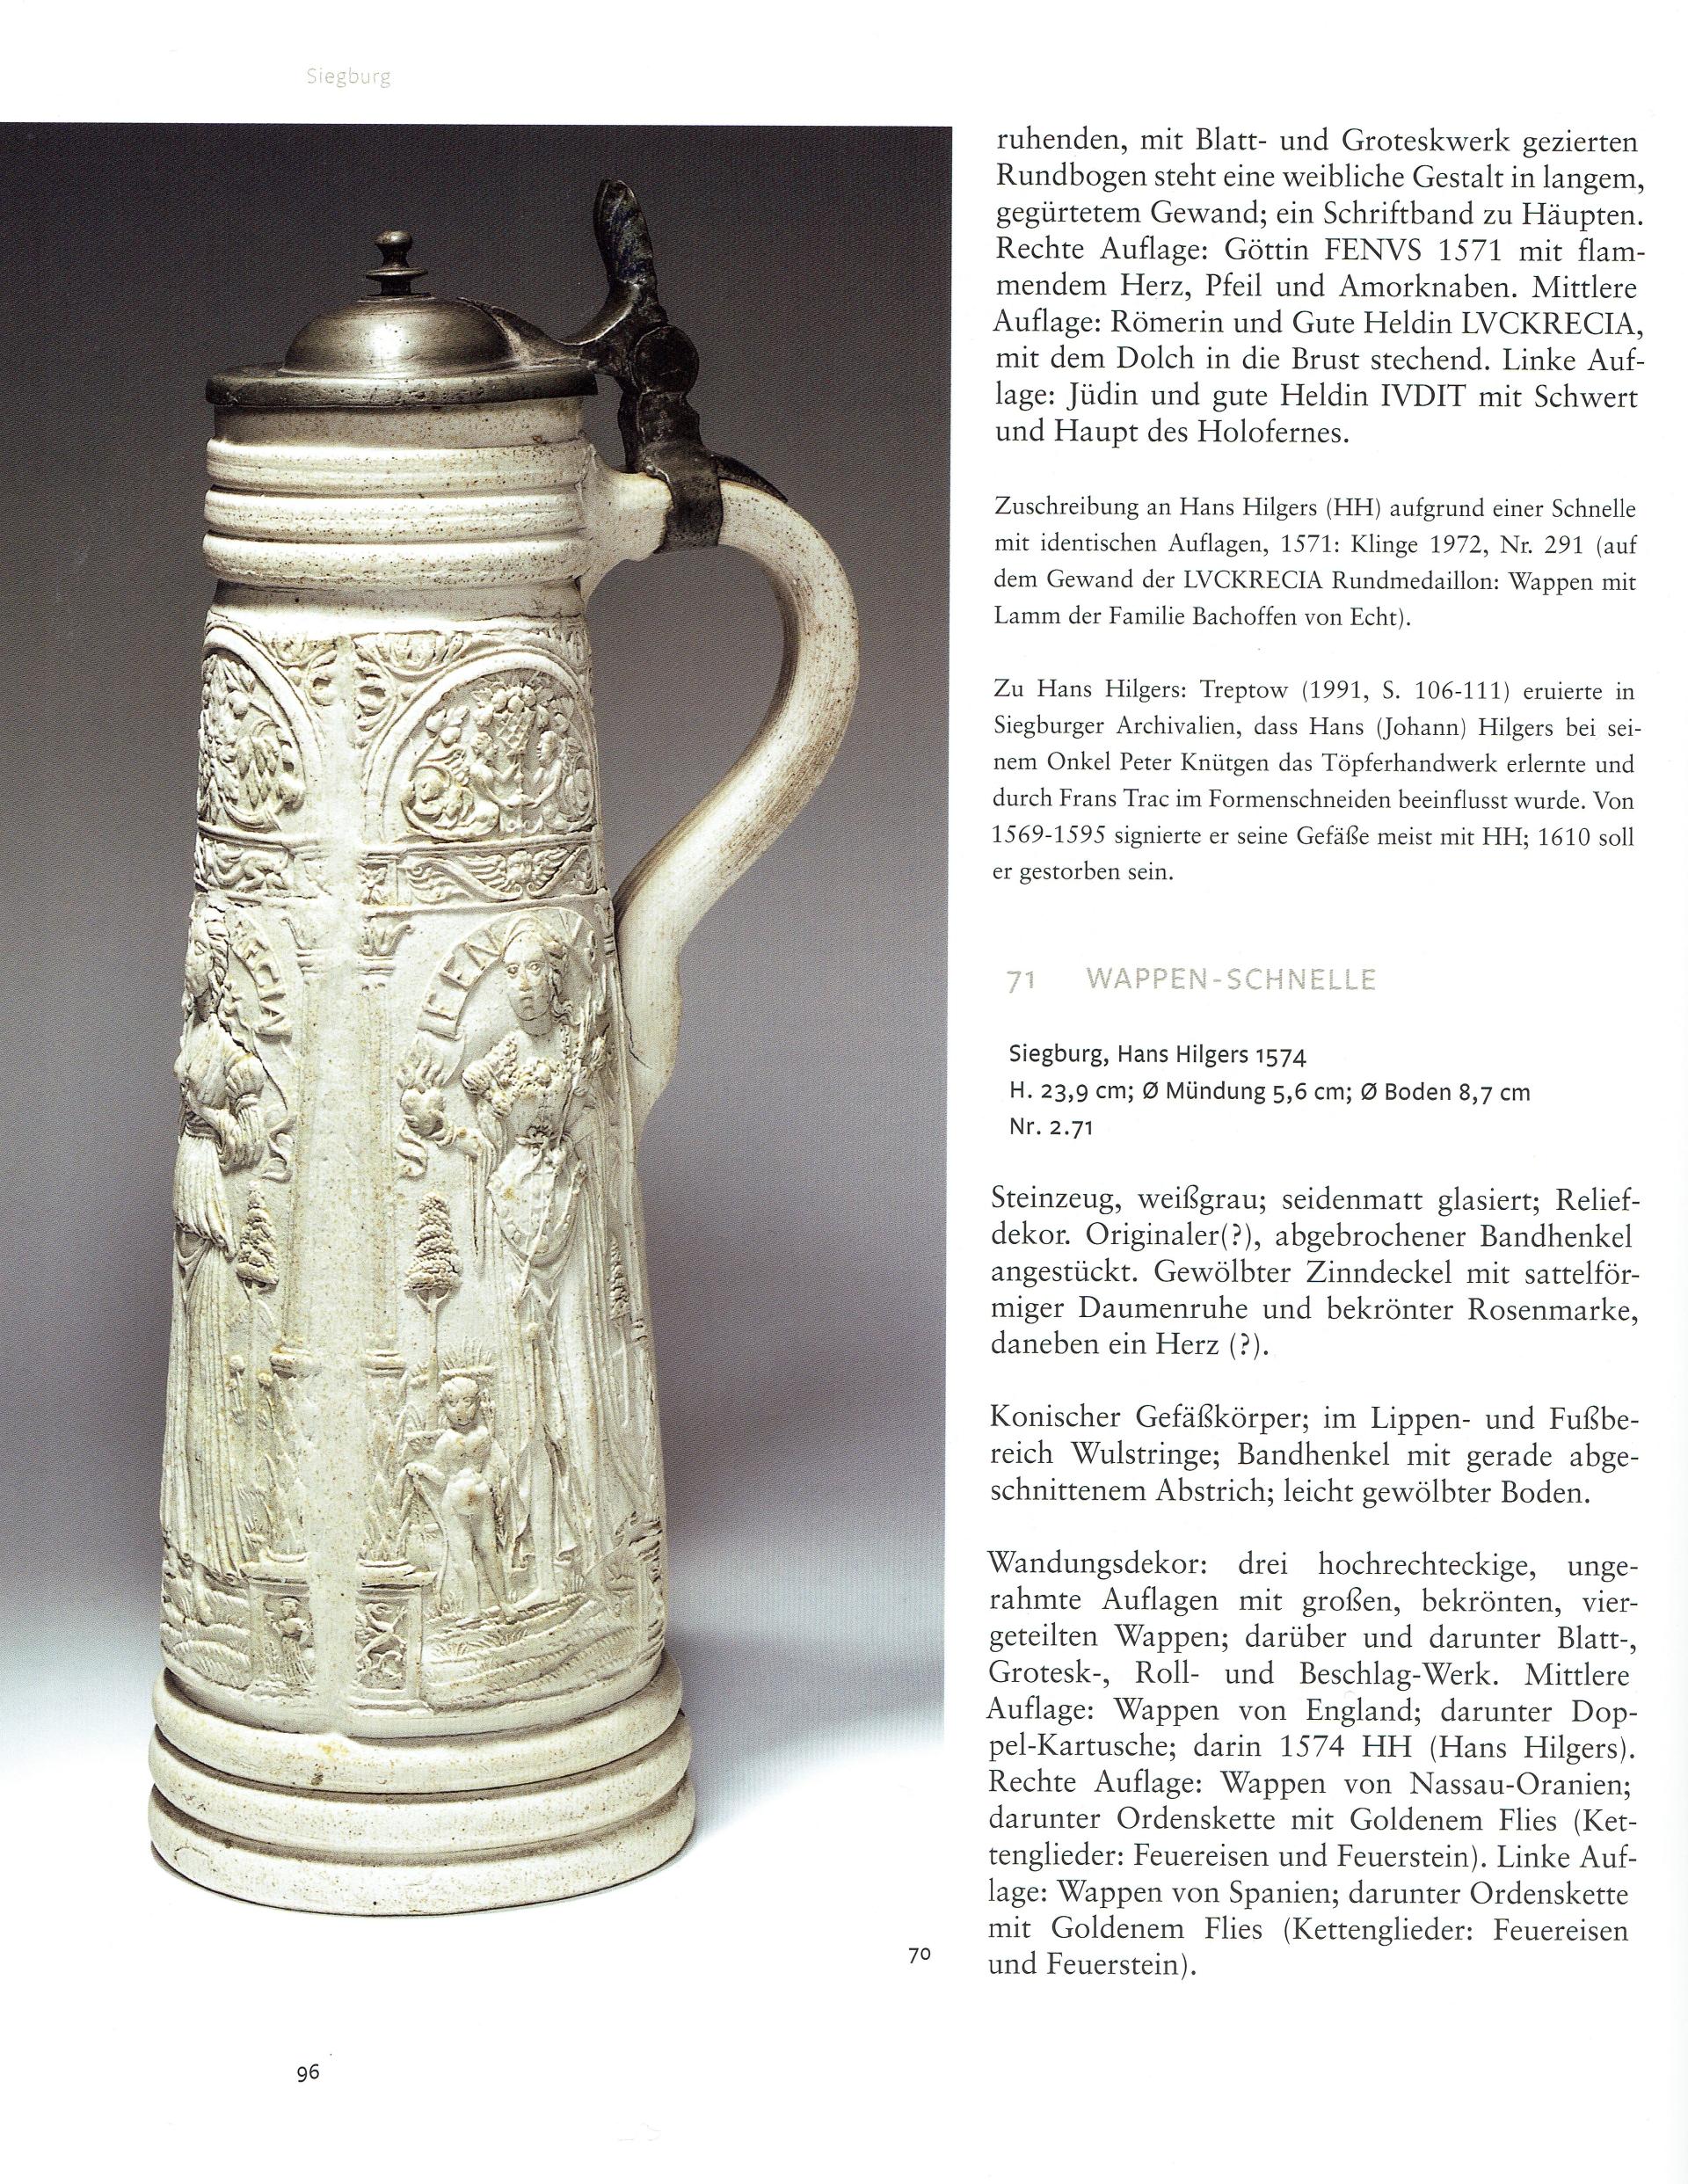 Amendt Krefelder Kunstmuseum die Kunst des Deutschen Steinzeugs Abb. 70